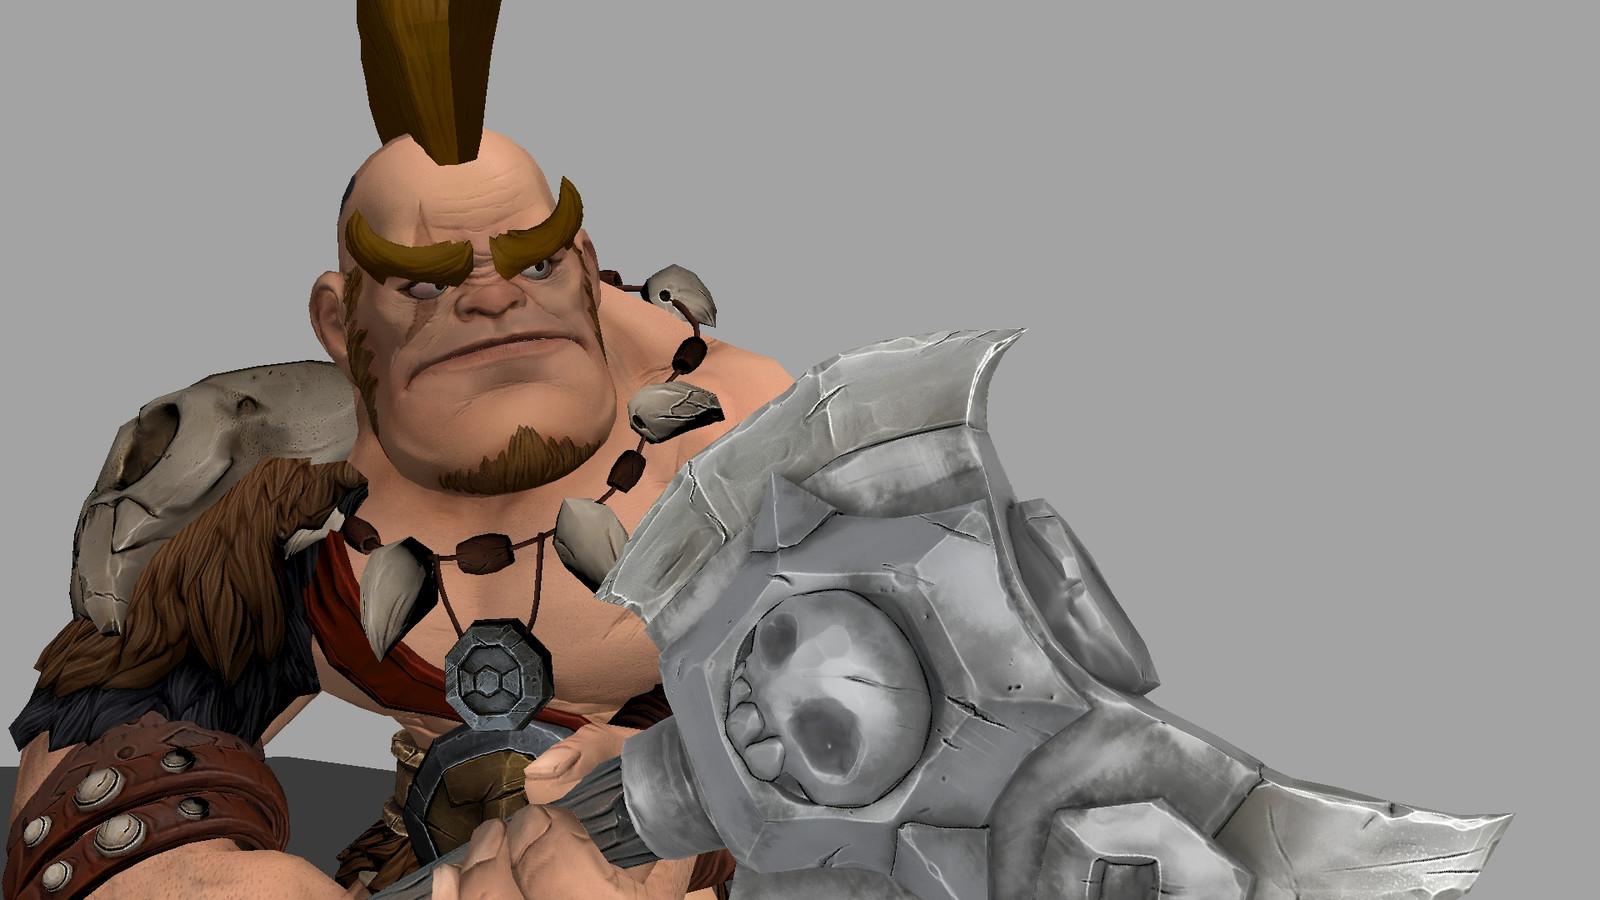 Conan - Axe hit animation